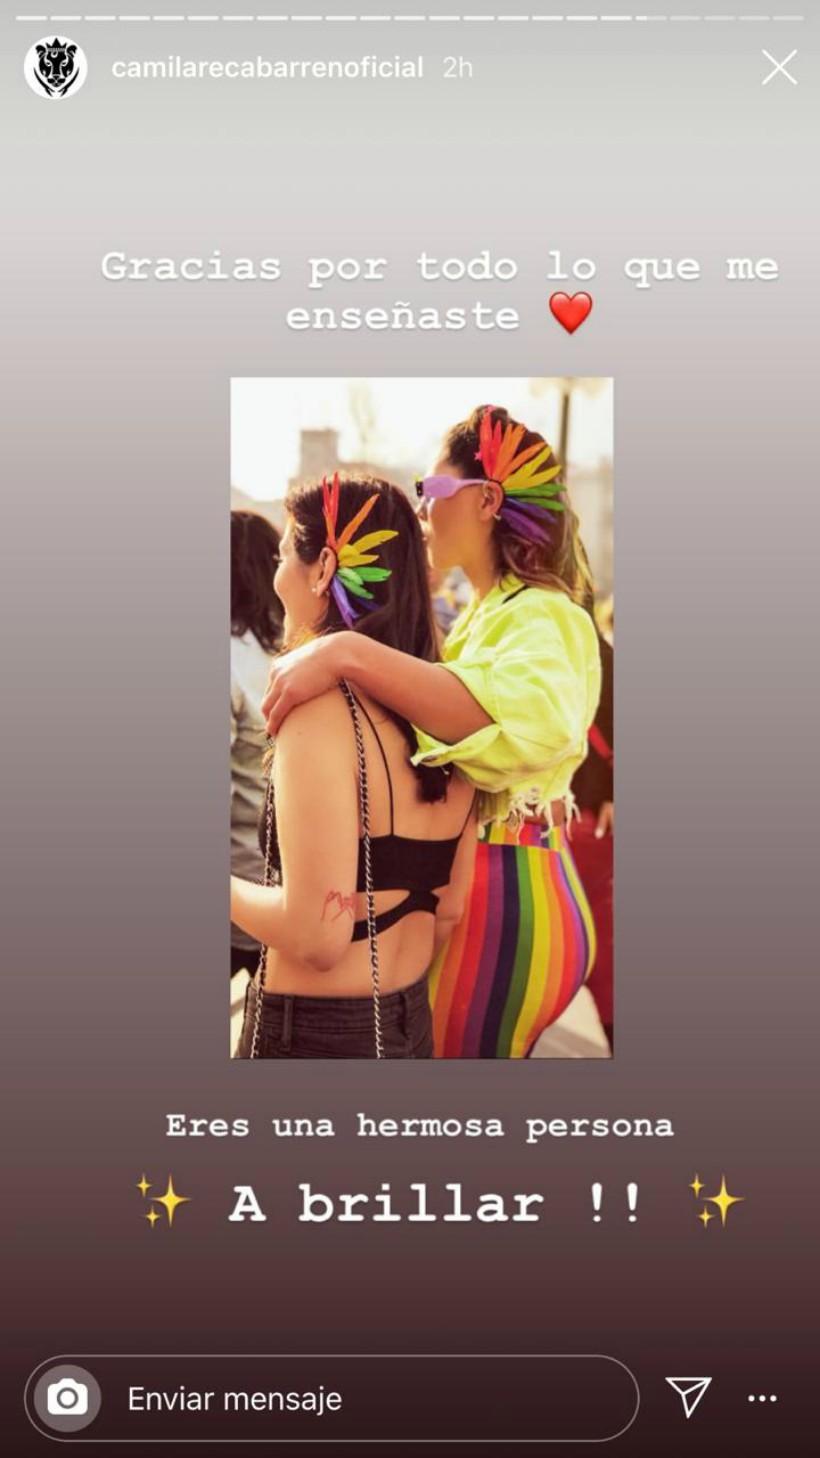 Camila Recabarren y su novia